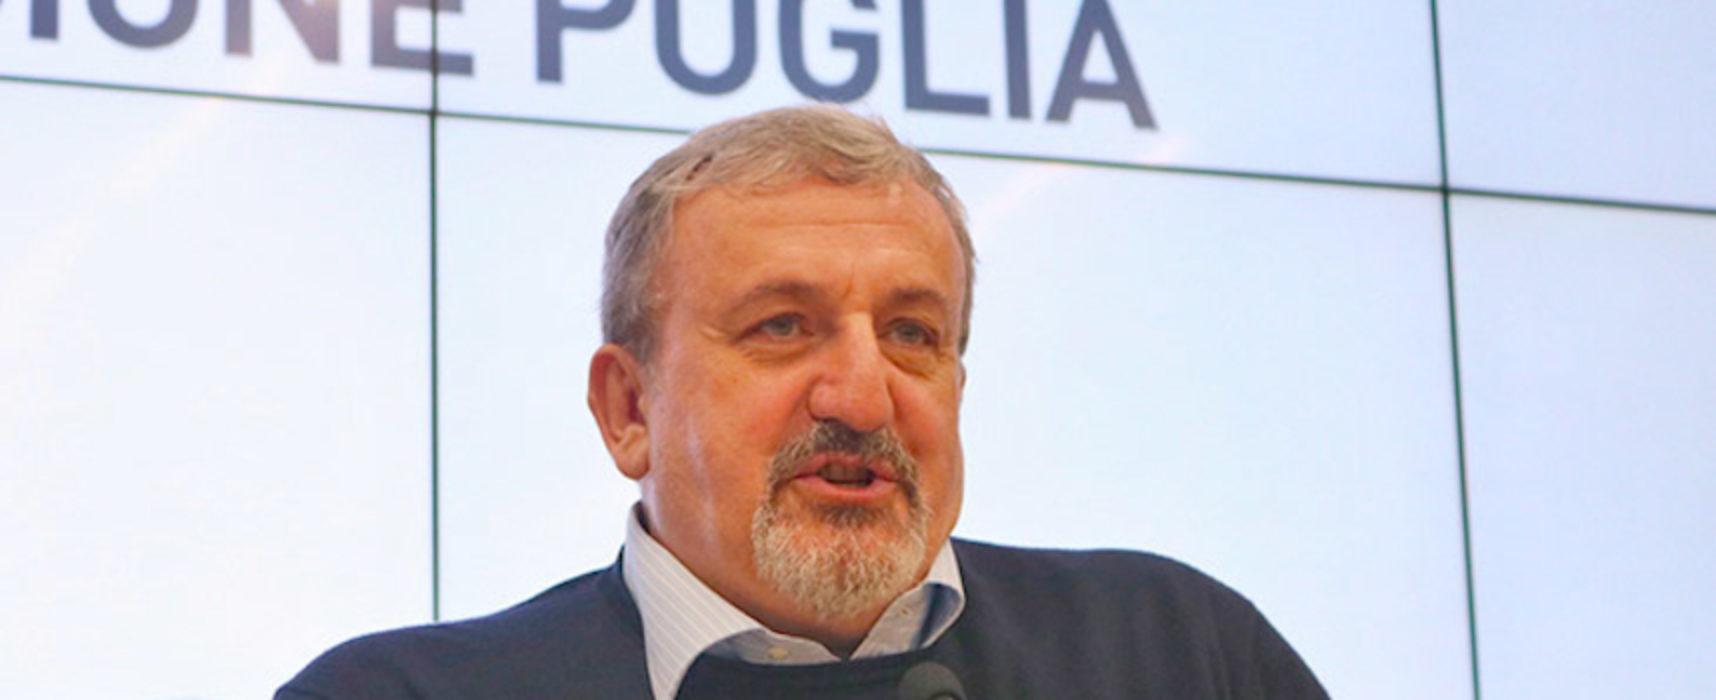 """Puglia ancora arancione, Emiliano esprime soddisfazione: """"Unico modo per tenere a bada curva"""""""